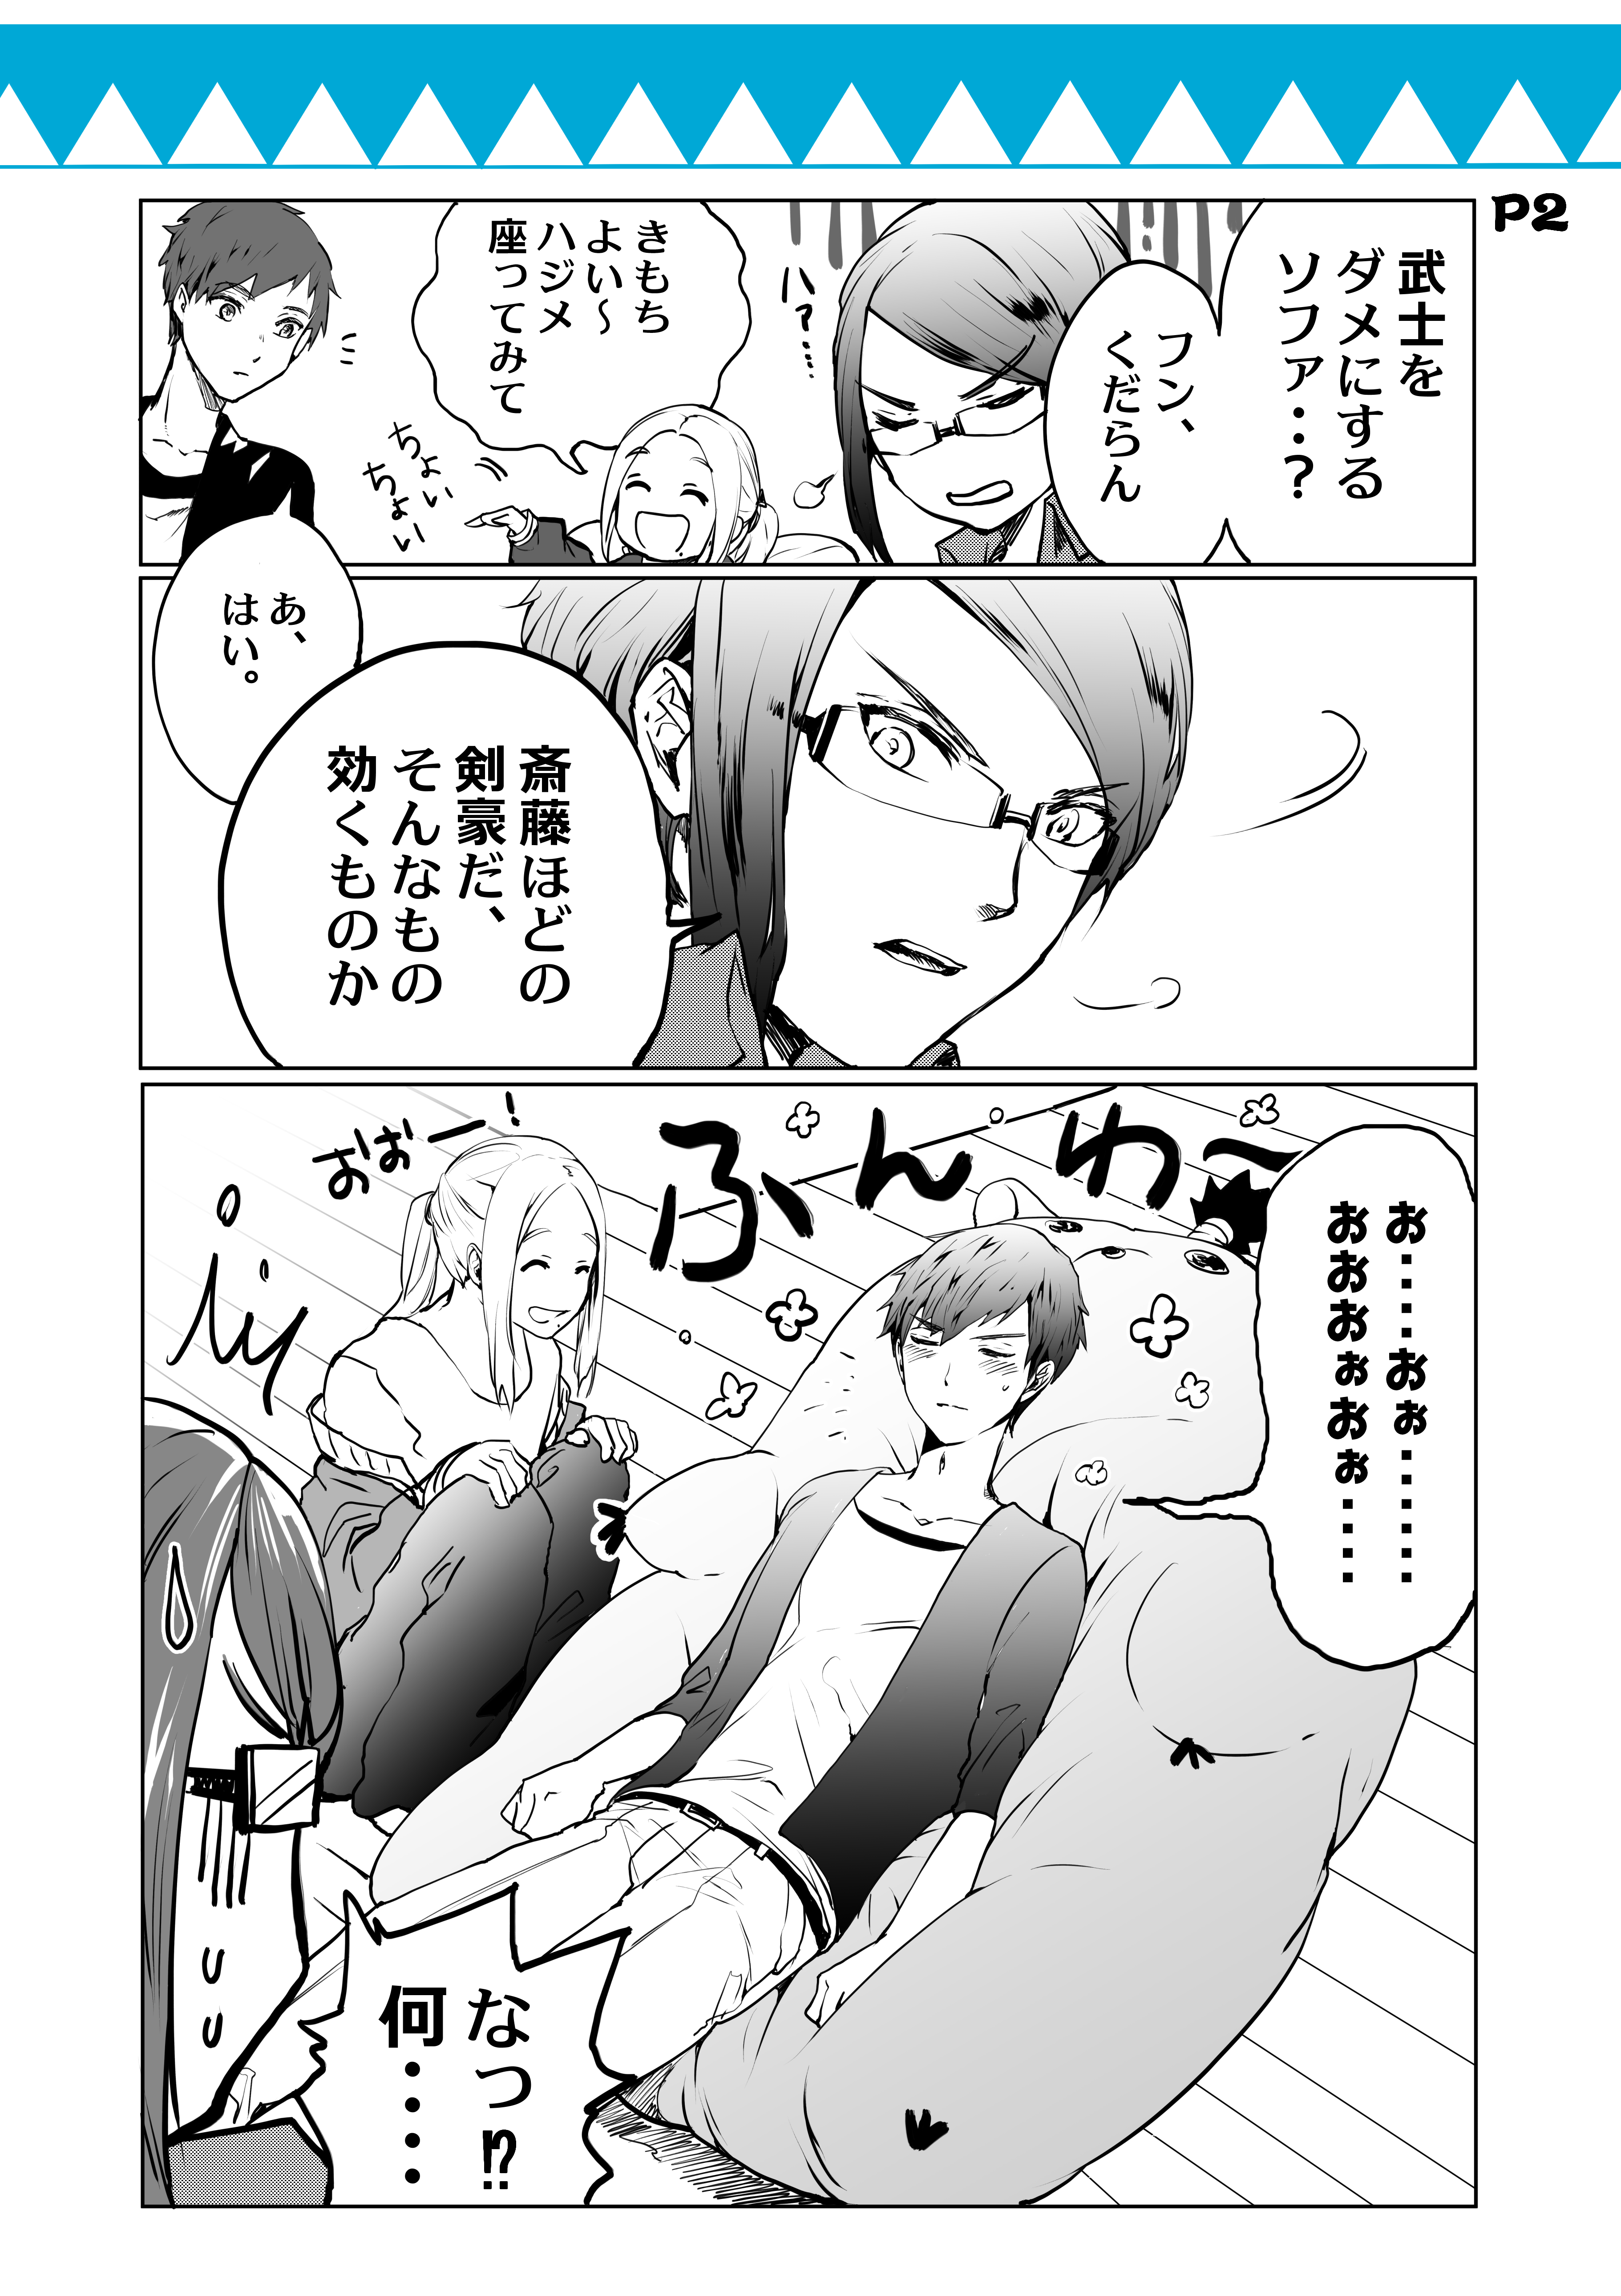 新選_011話_武士をダメにするソファ_002.png